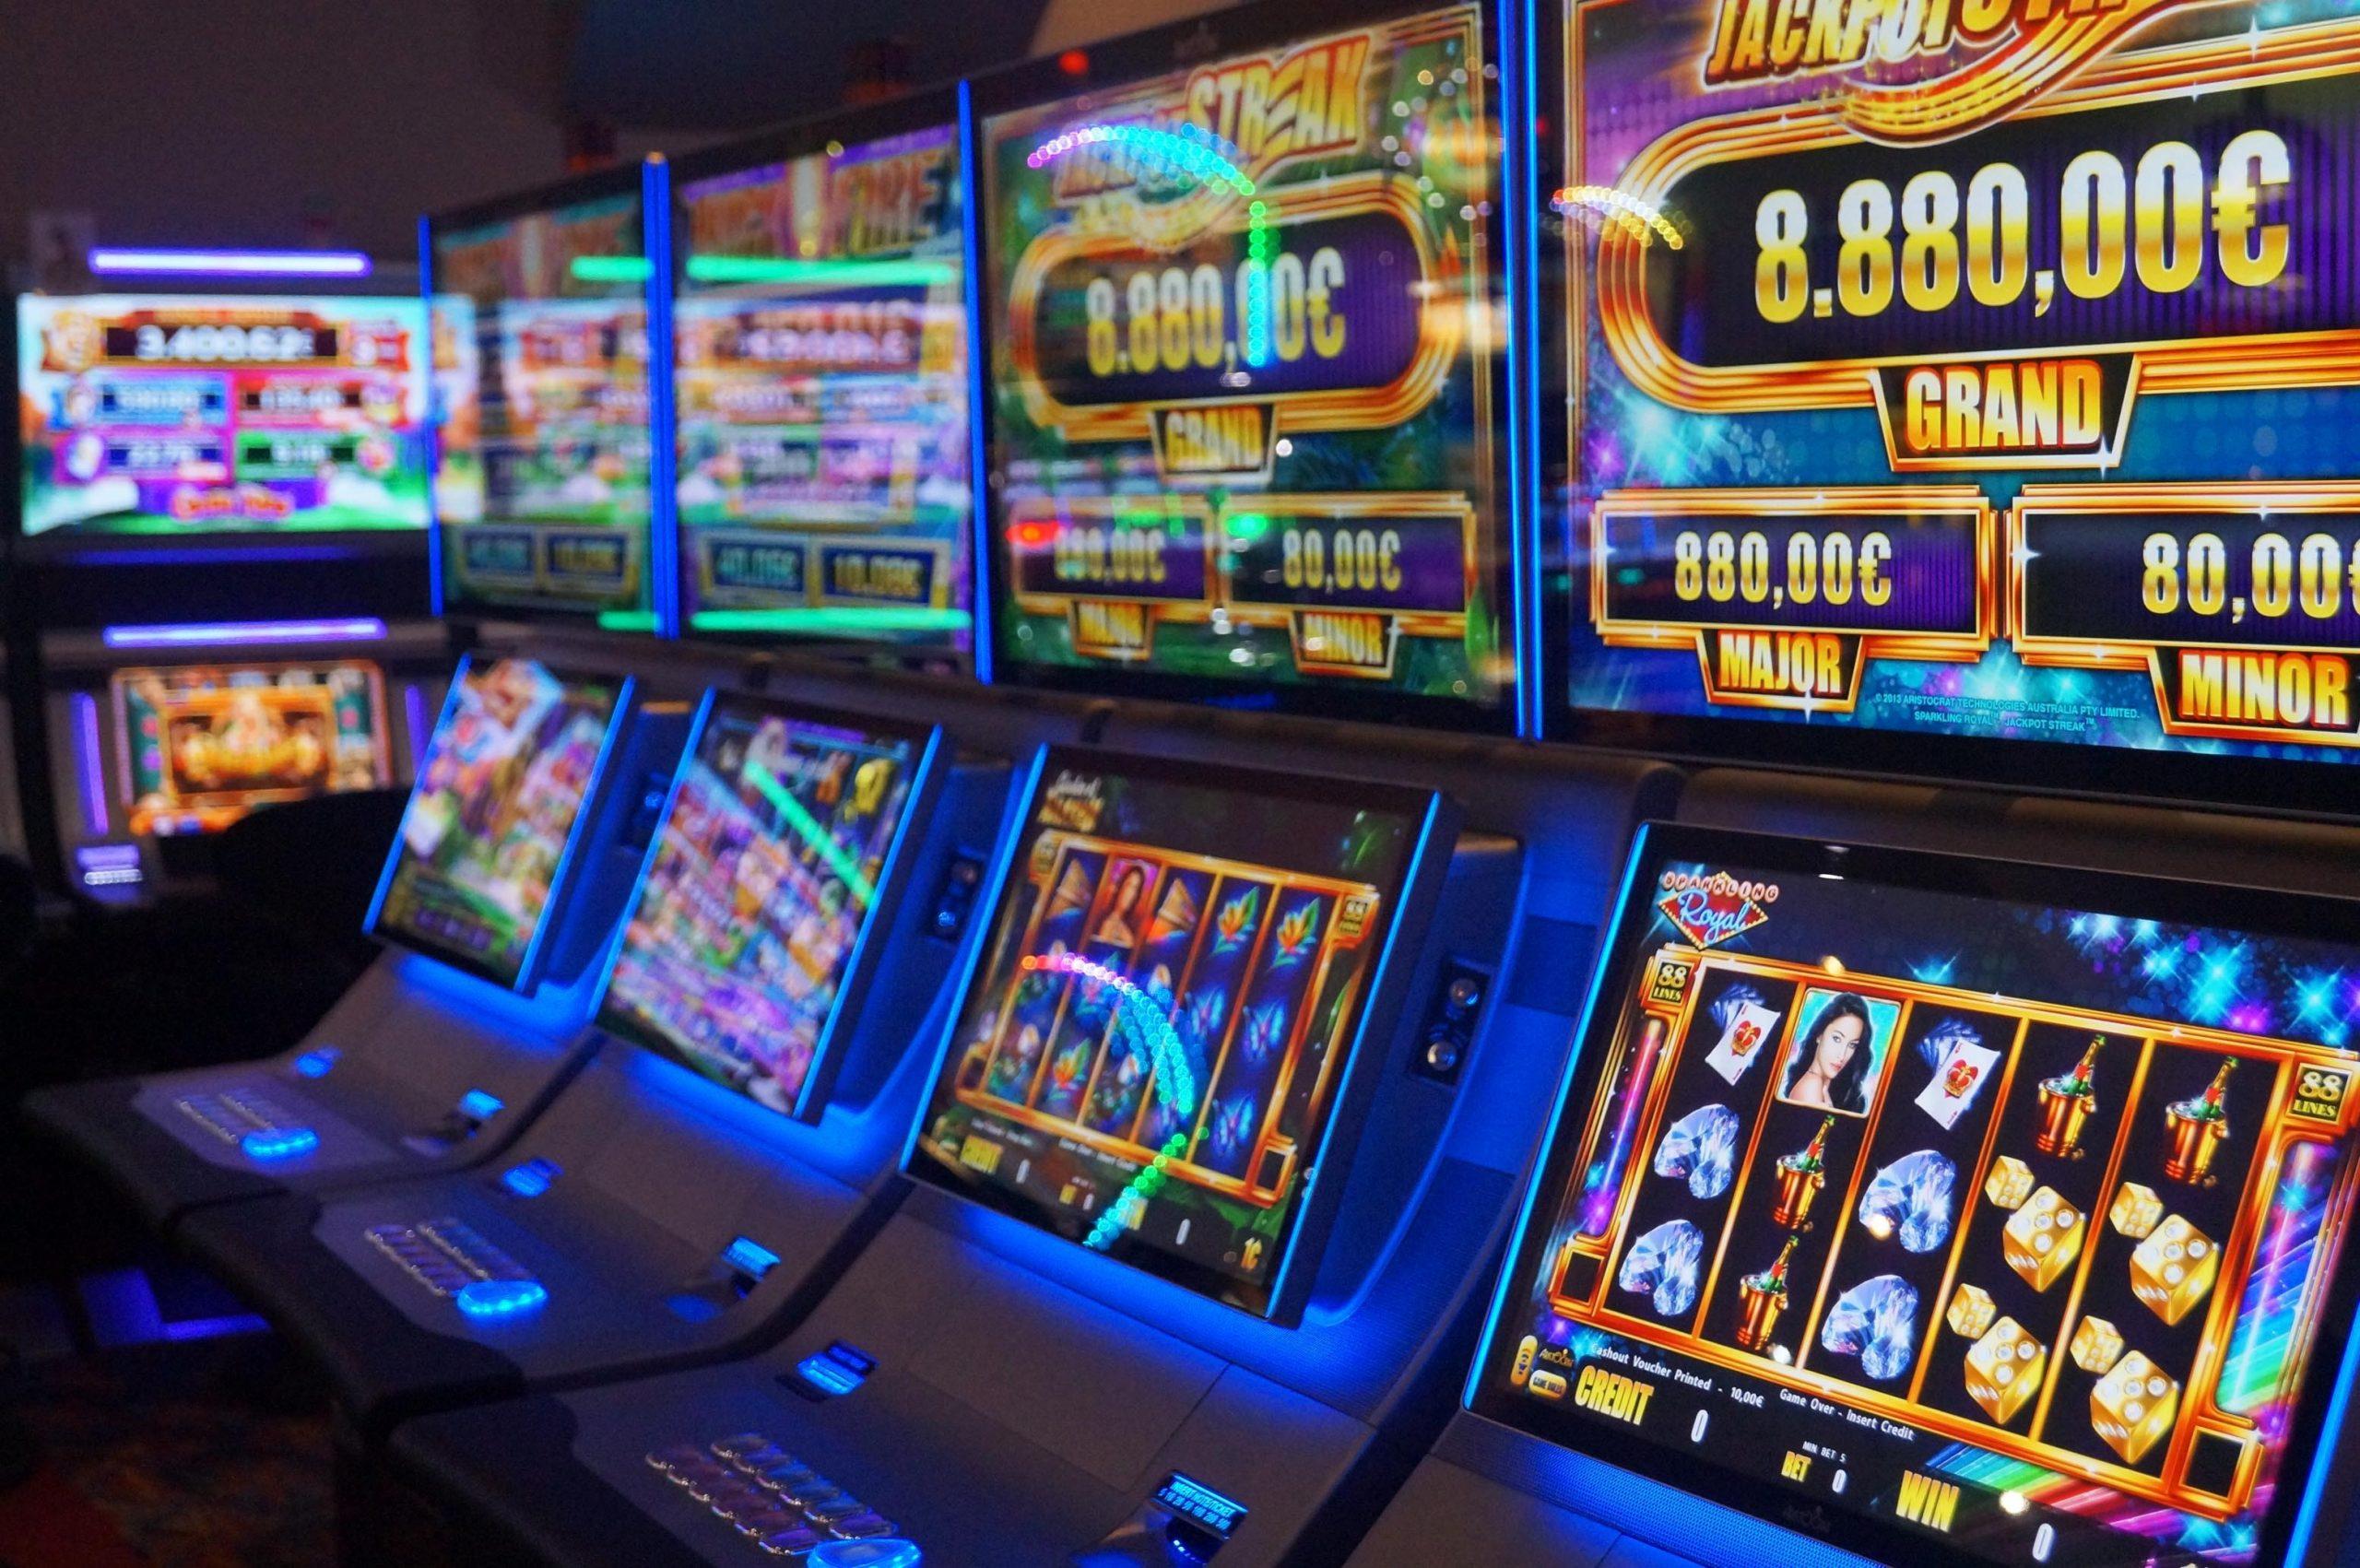 Comment Gagner De L'argent : Toutes Les Vraies Astuces tout Jeux De Grand Gratuit